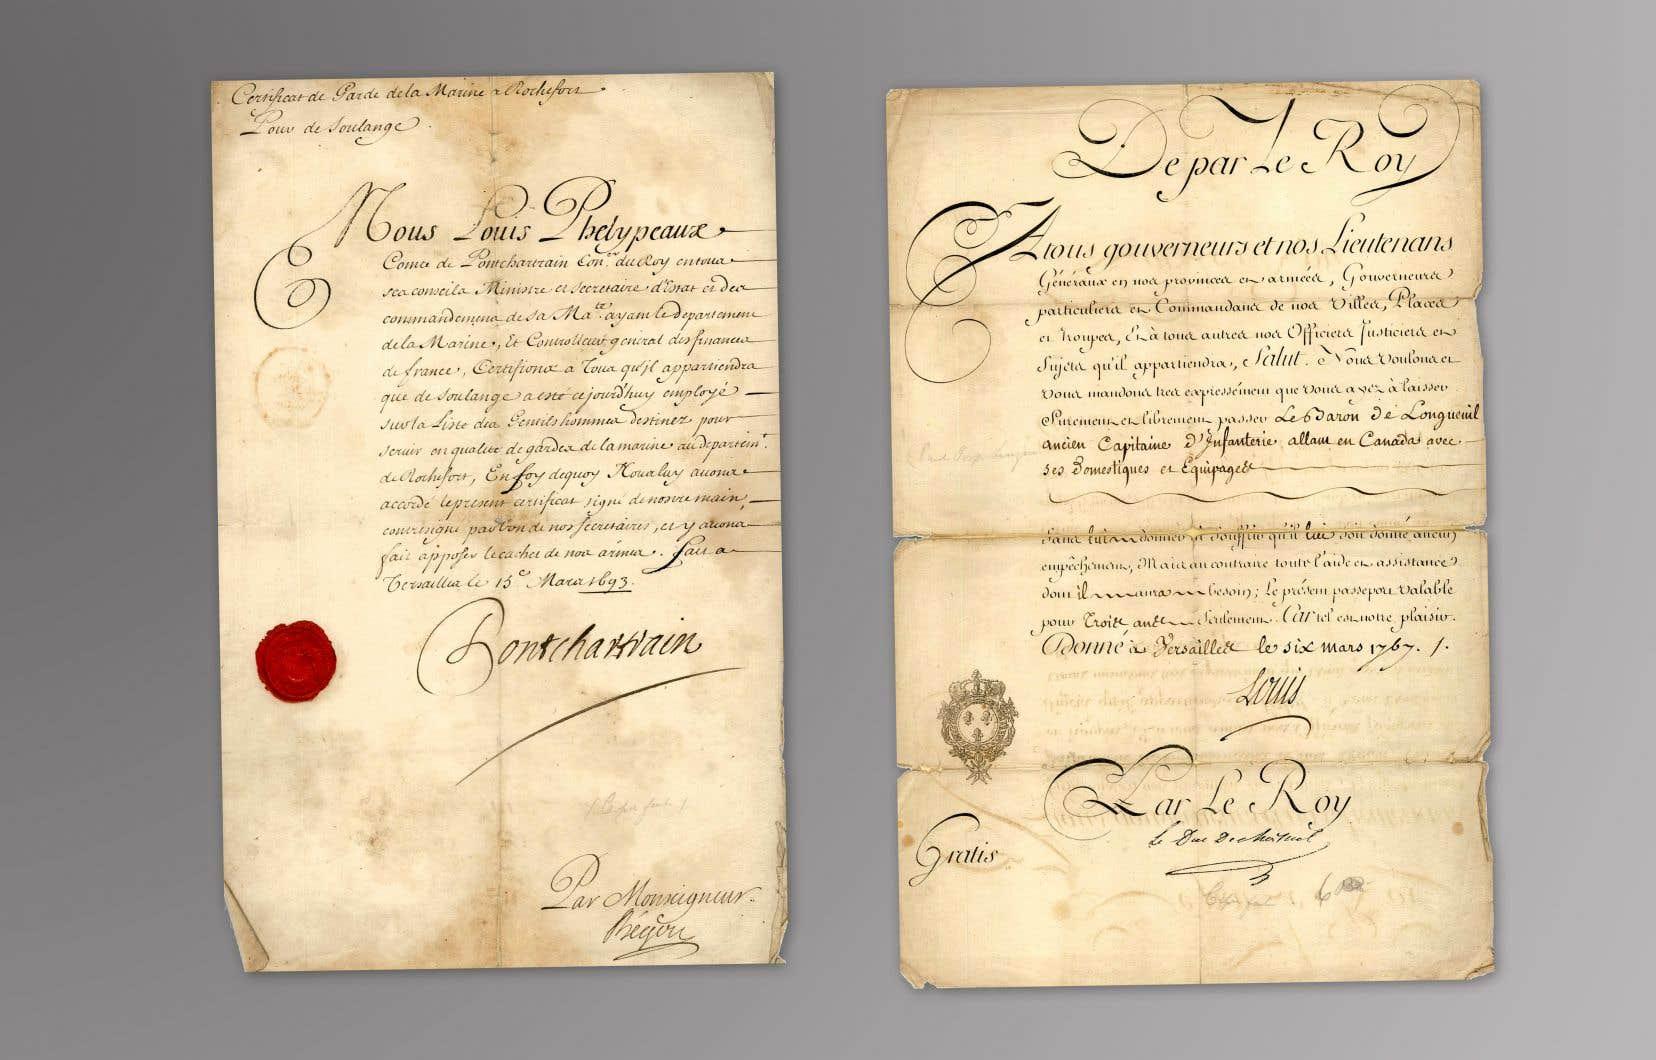 De très rares documents manuscrits qui concernent l'histoire de la Nouvelle-France seront mis aux enchères prochainement.